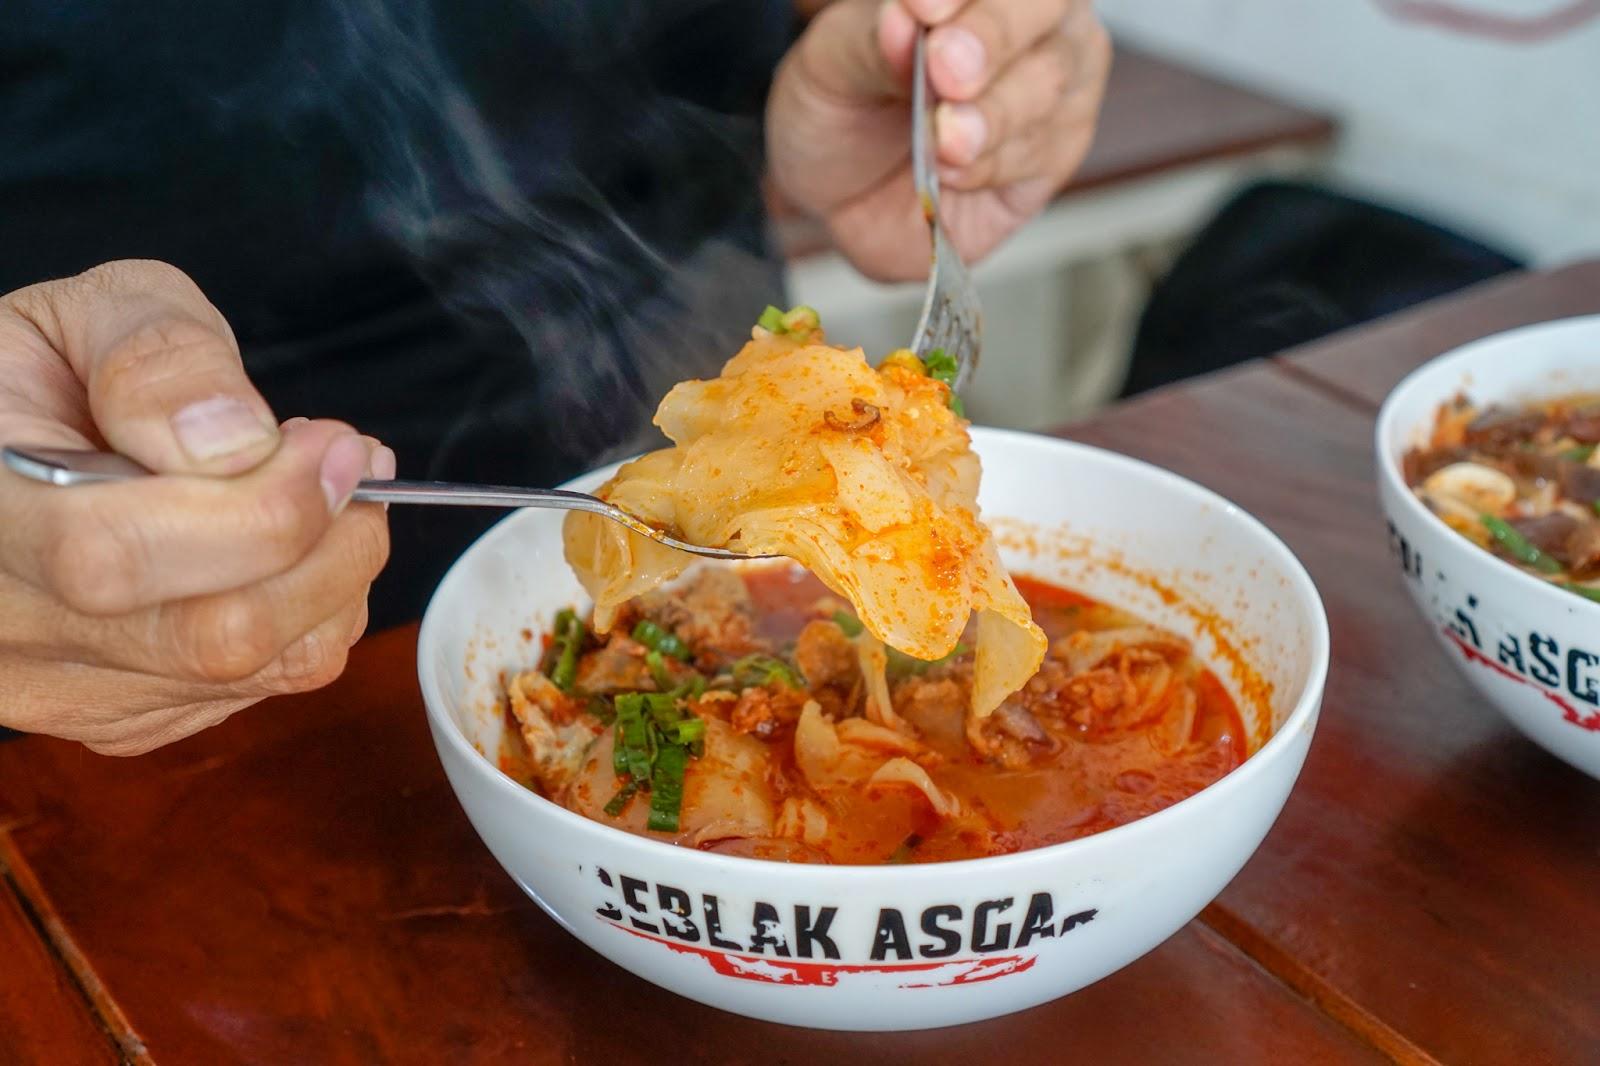 Seblak Asgar Sensasi Pedas Kuliner Garut Di Yogyakarta